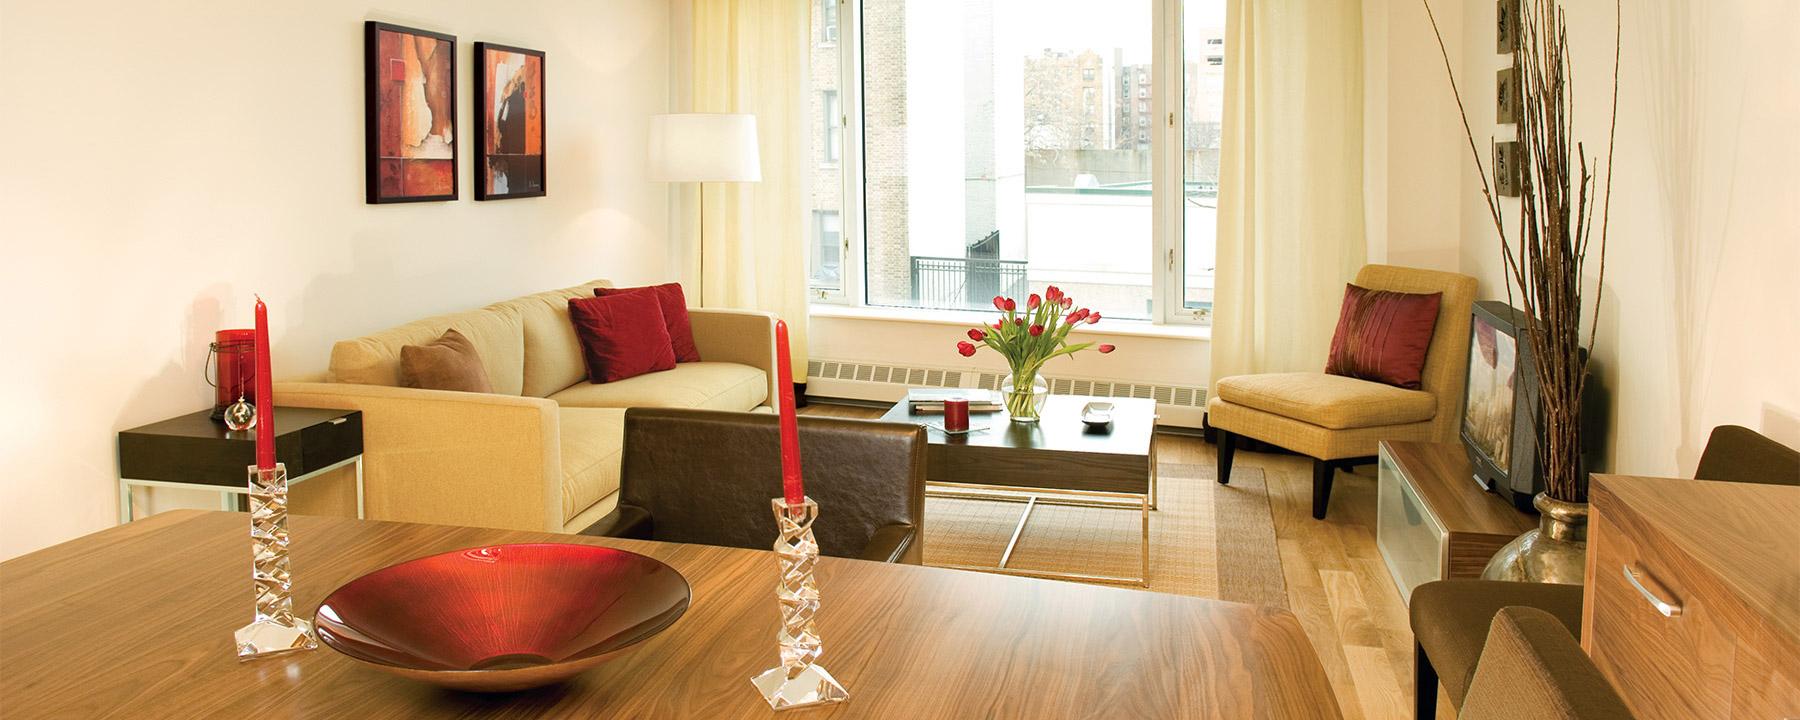 Apartment Living Area Designed By In Site Interior Design